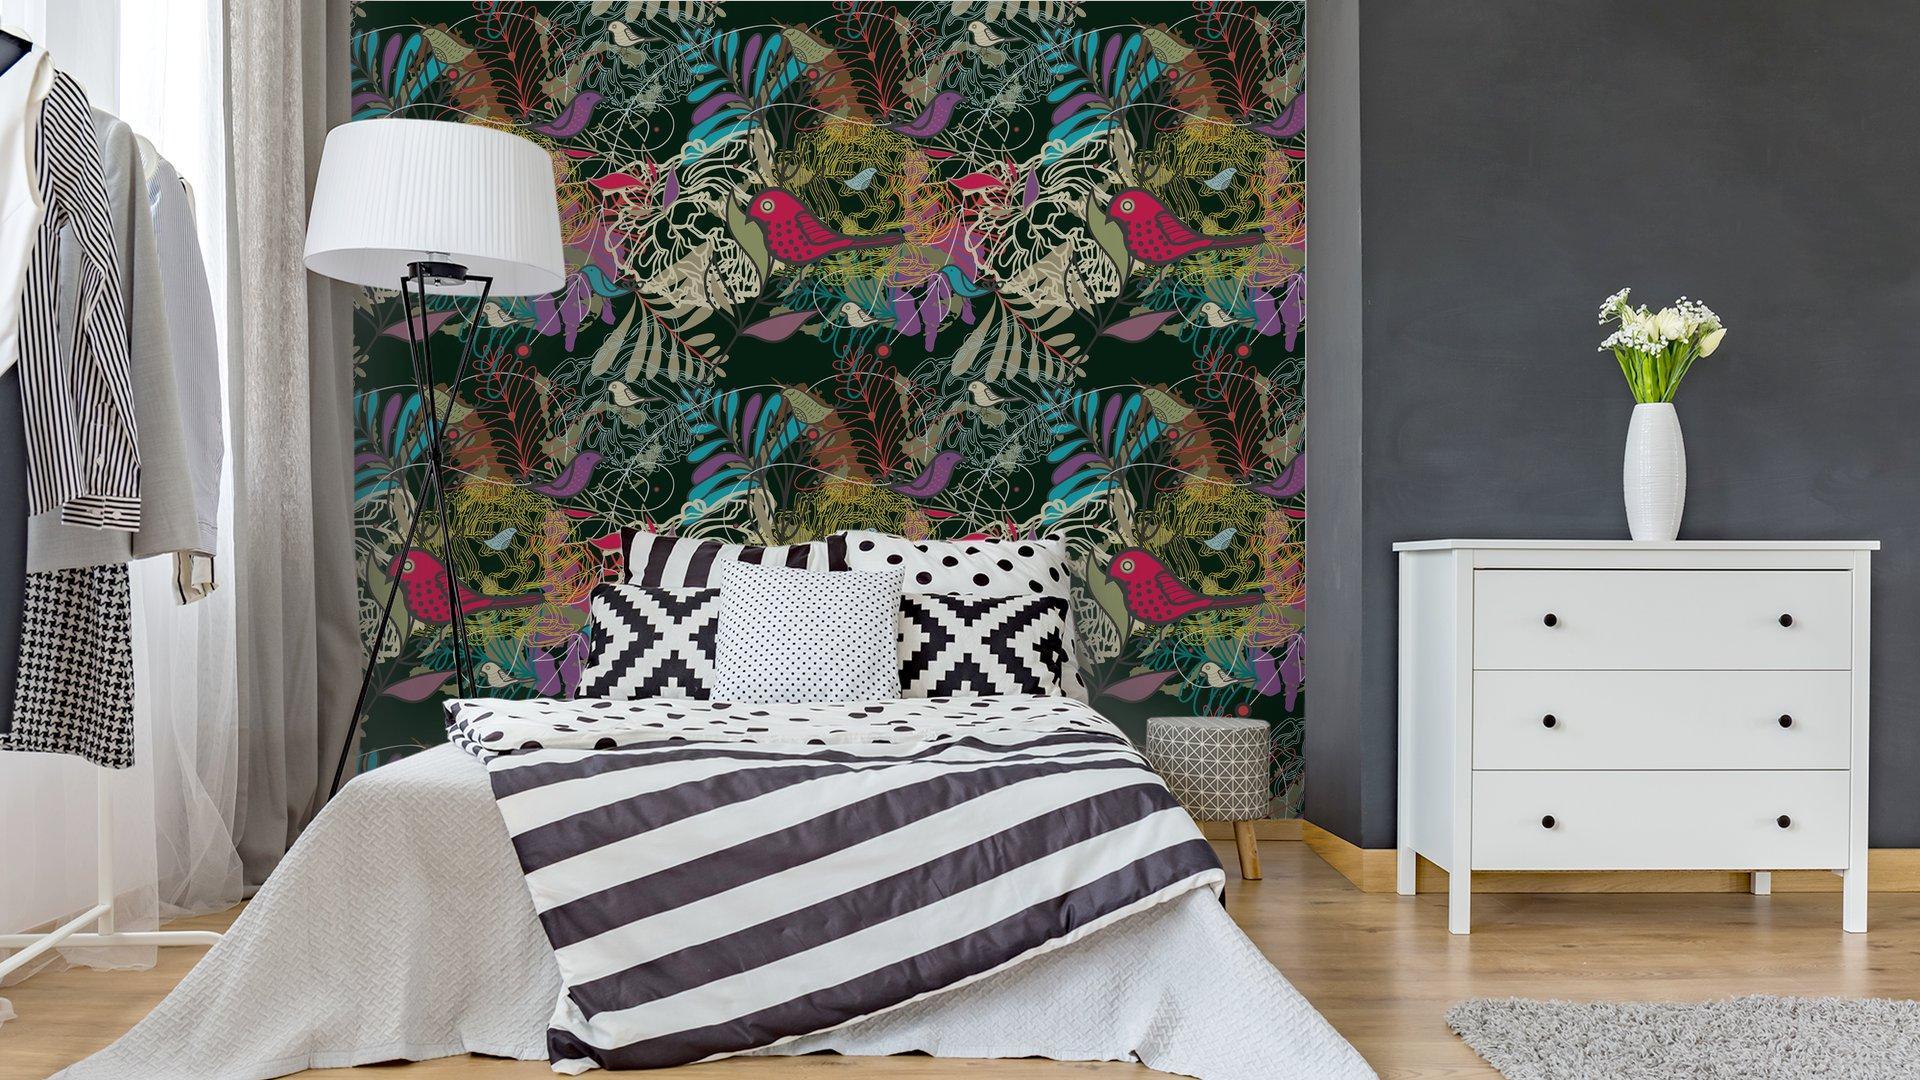 Fotomurales mexico papeles pintados autoadhesivos sin fisuras vector patron 4 - PapelTapizPatrón Floral Abstracto con Aves 01